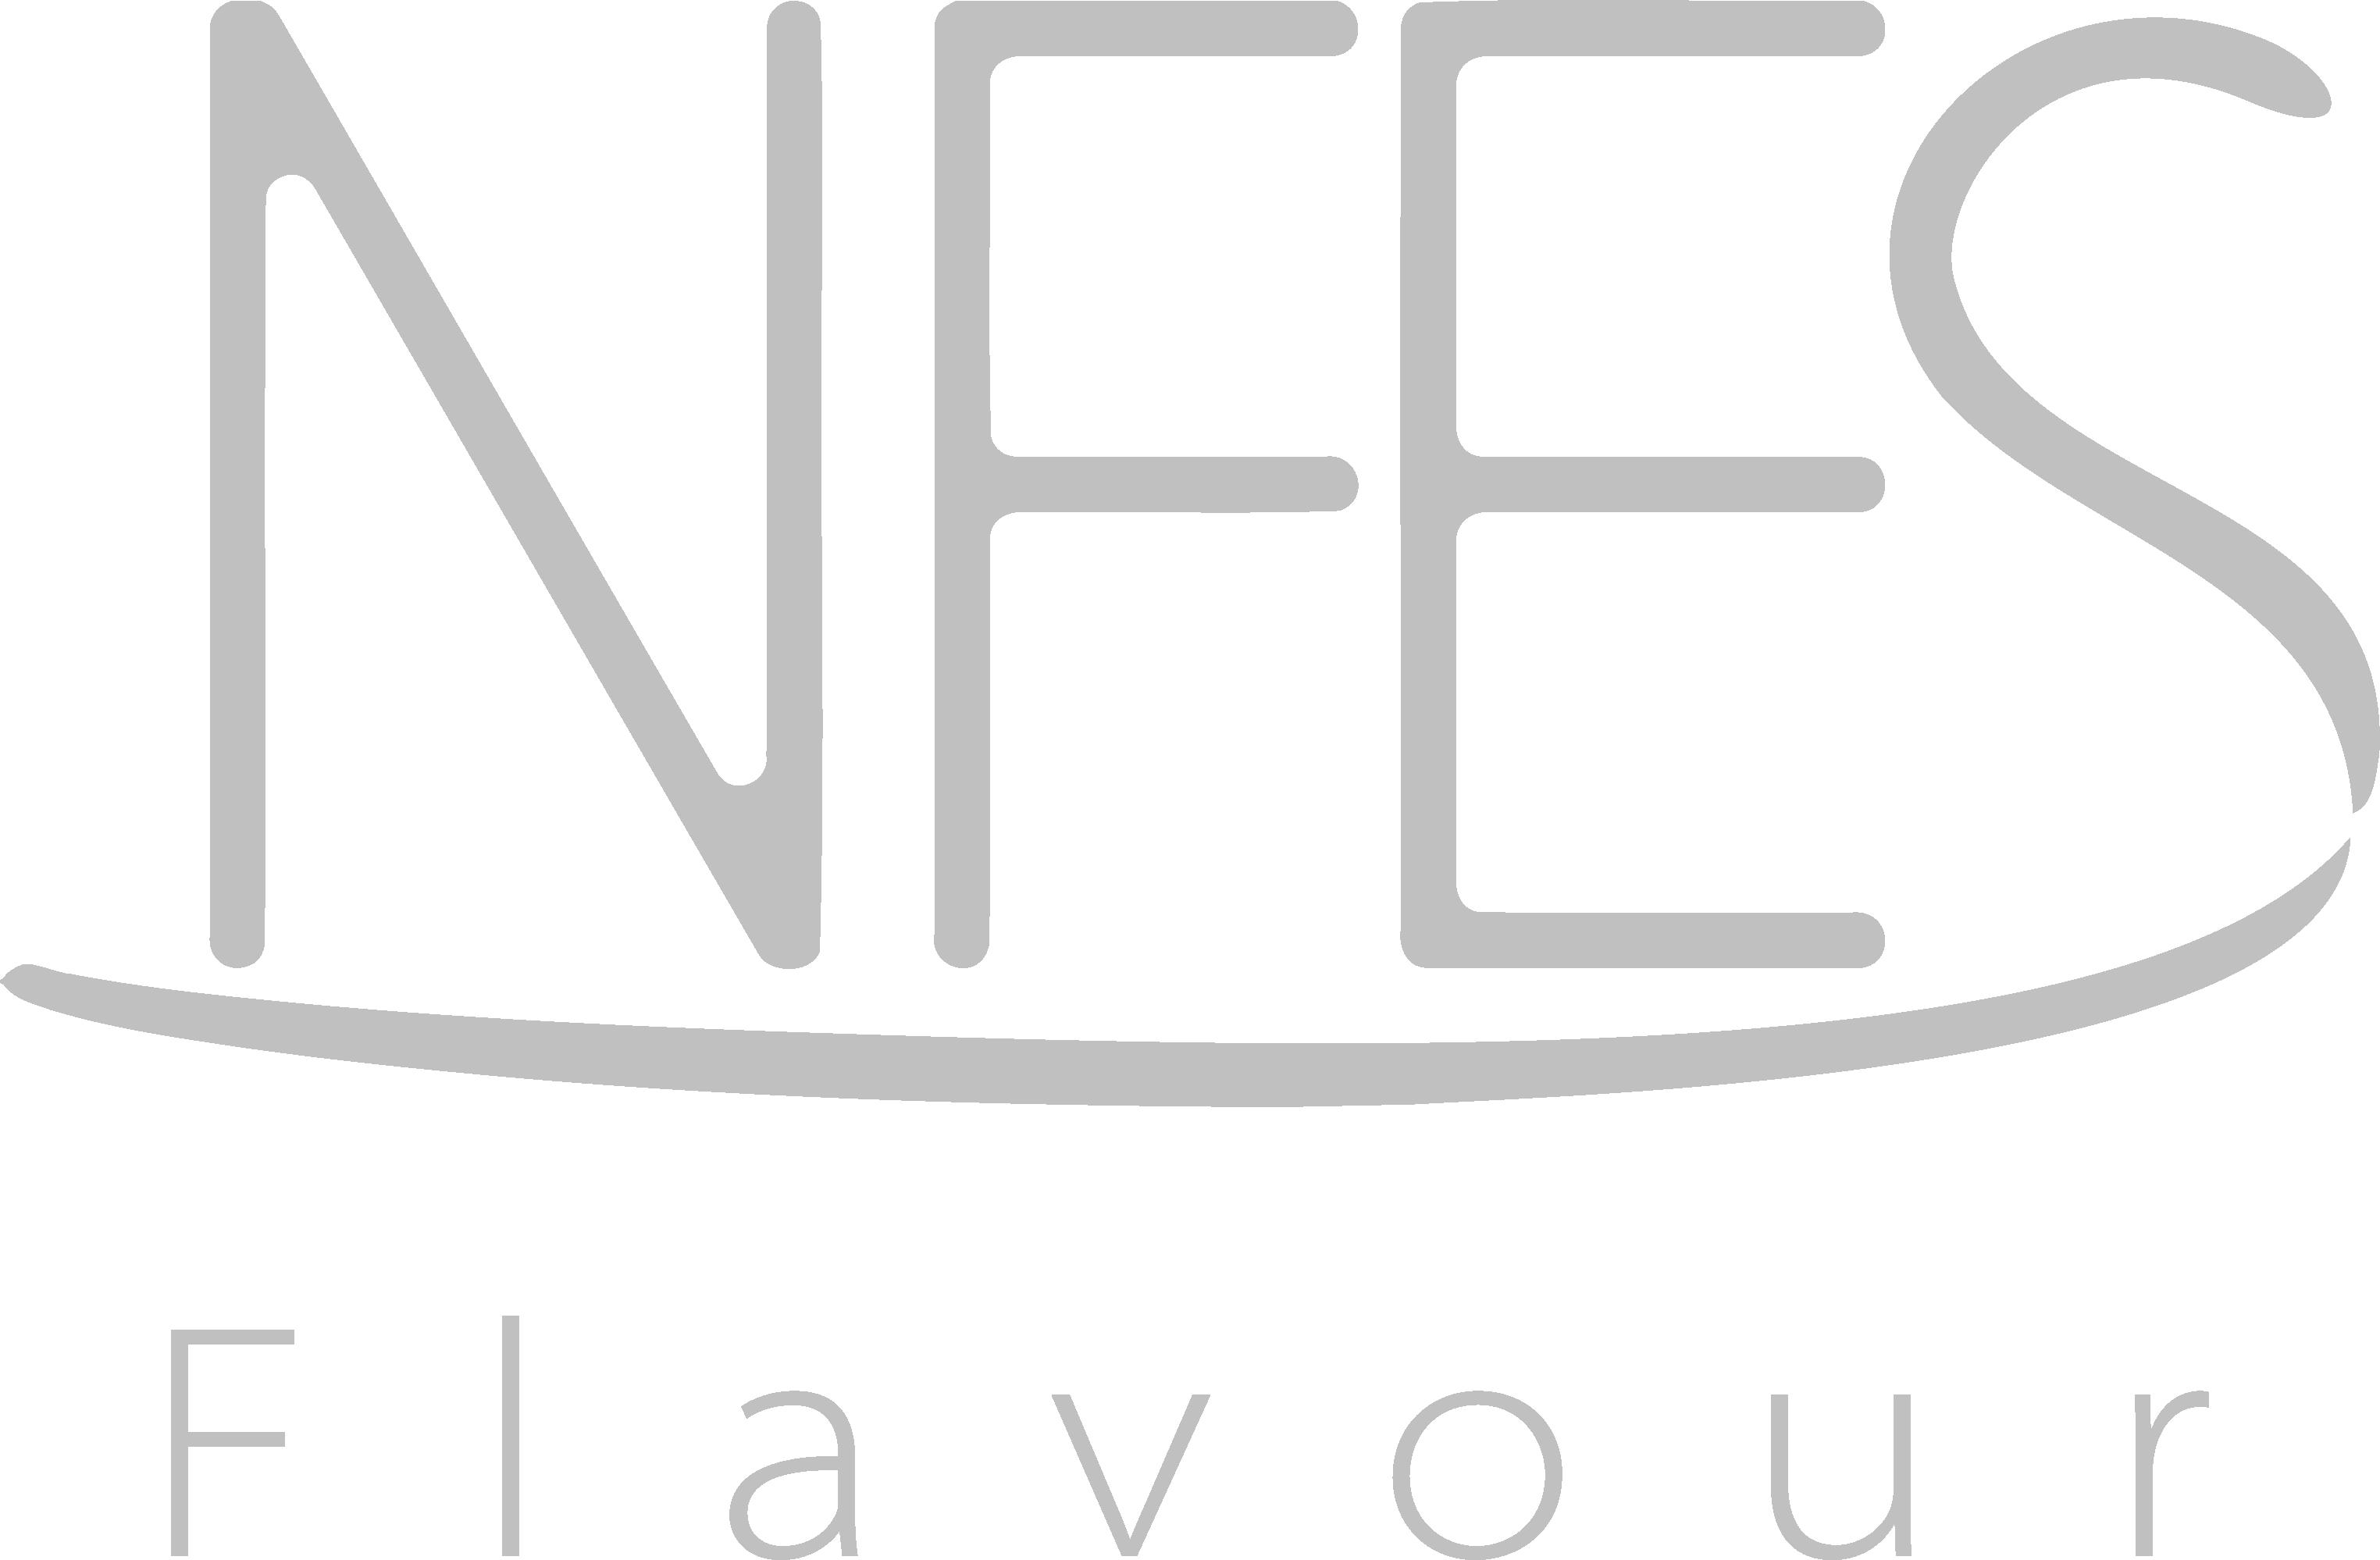 NFES Flavour